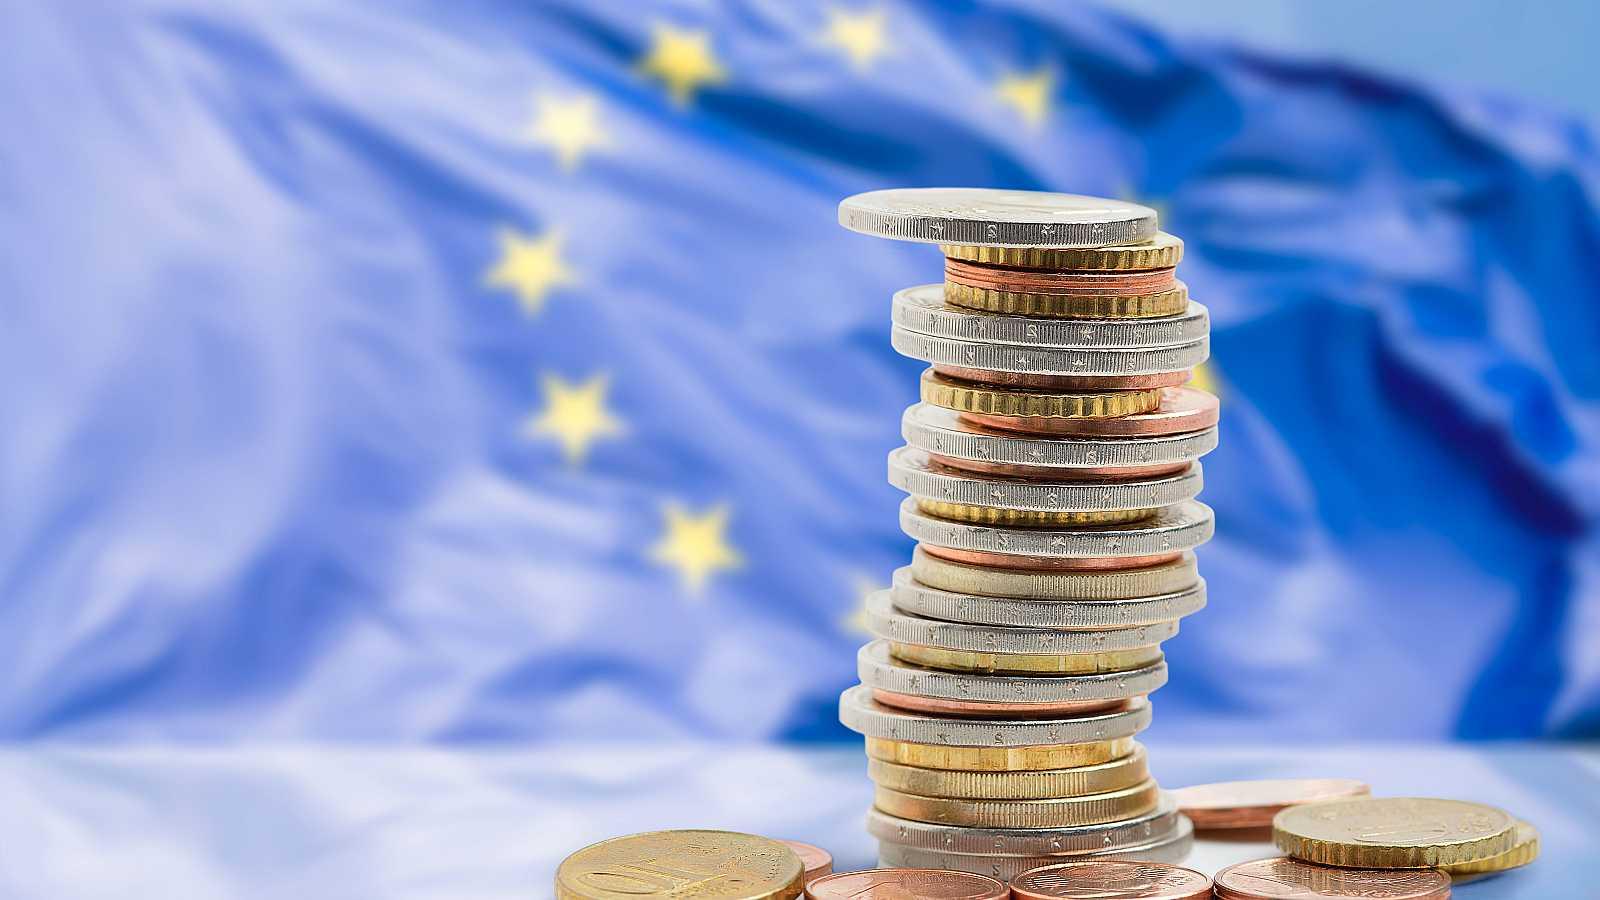 Se estima que el impacto del coronavirus provocará la entrada en recesión e la zona euro.